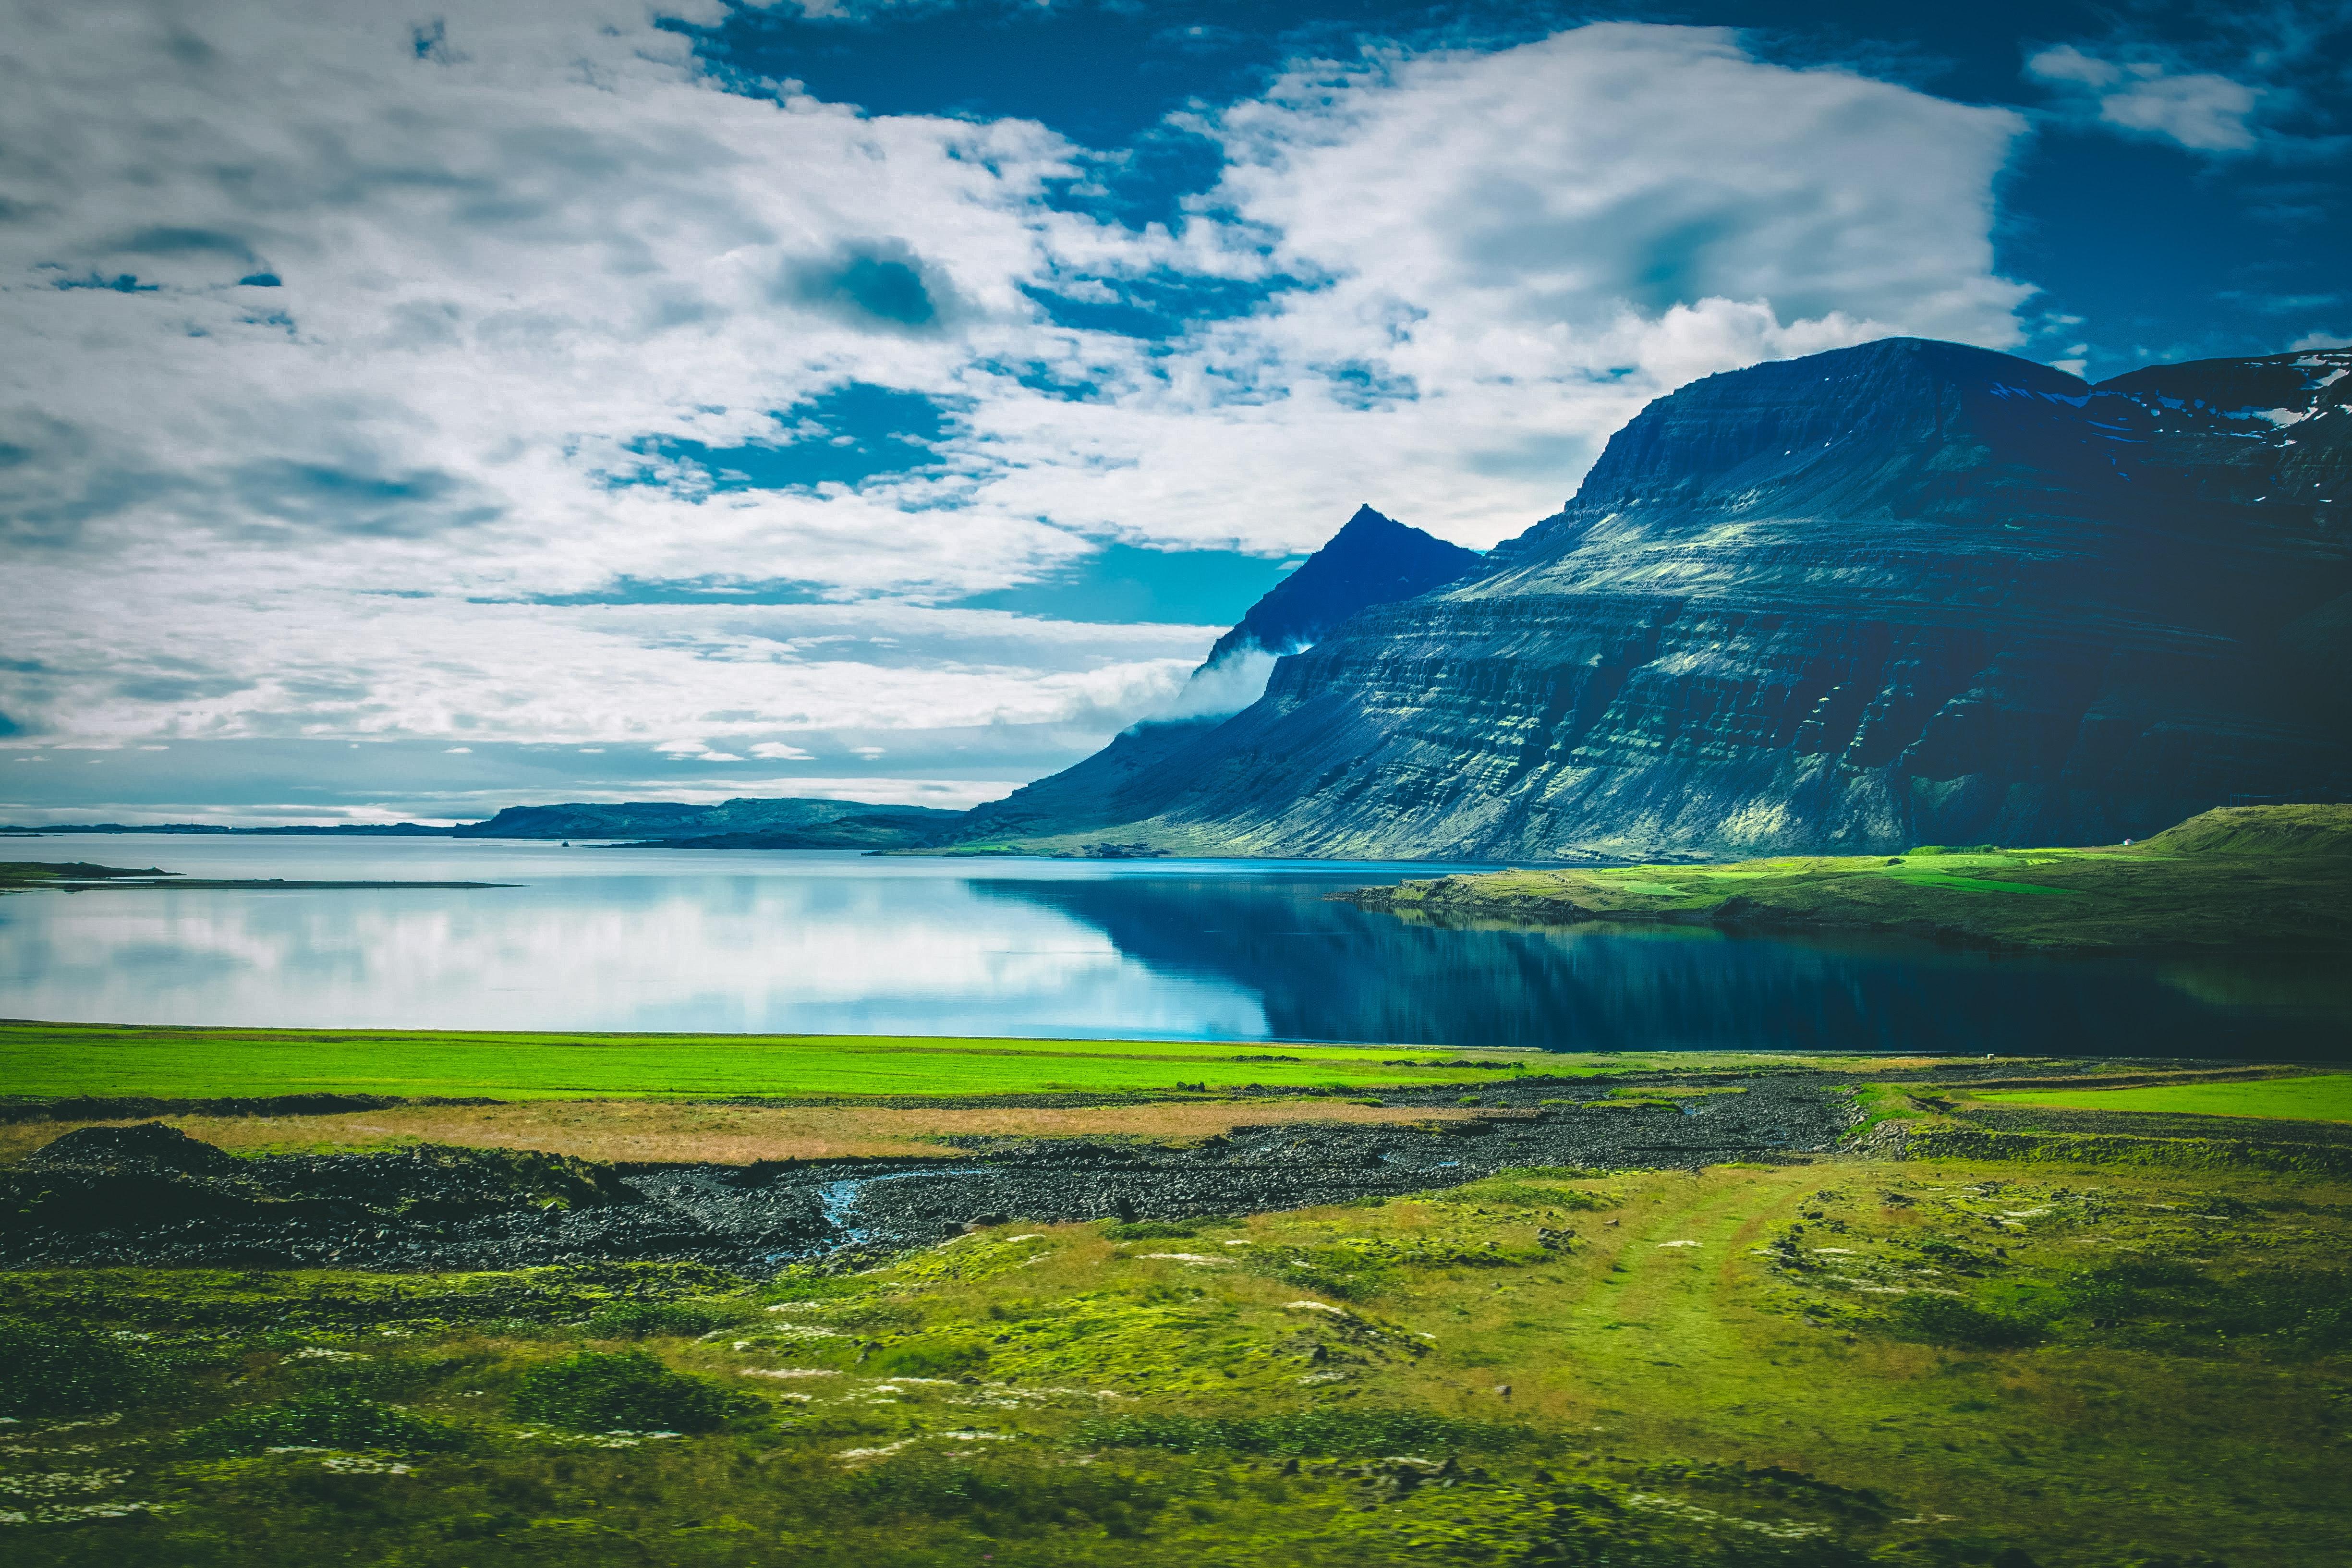 108608 скачать обои Природа, Озеро, Облака, Остров, Горы, Пейзаж - заставки и картинки бесплатно